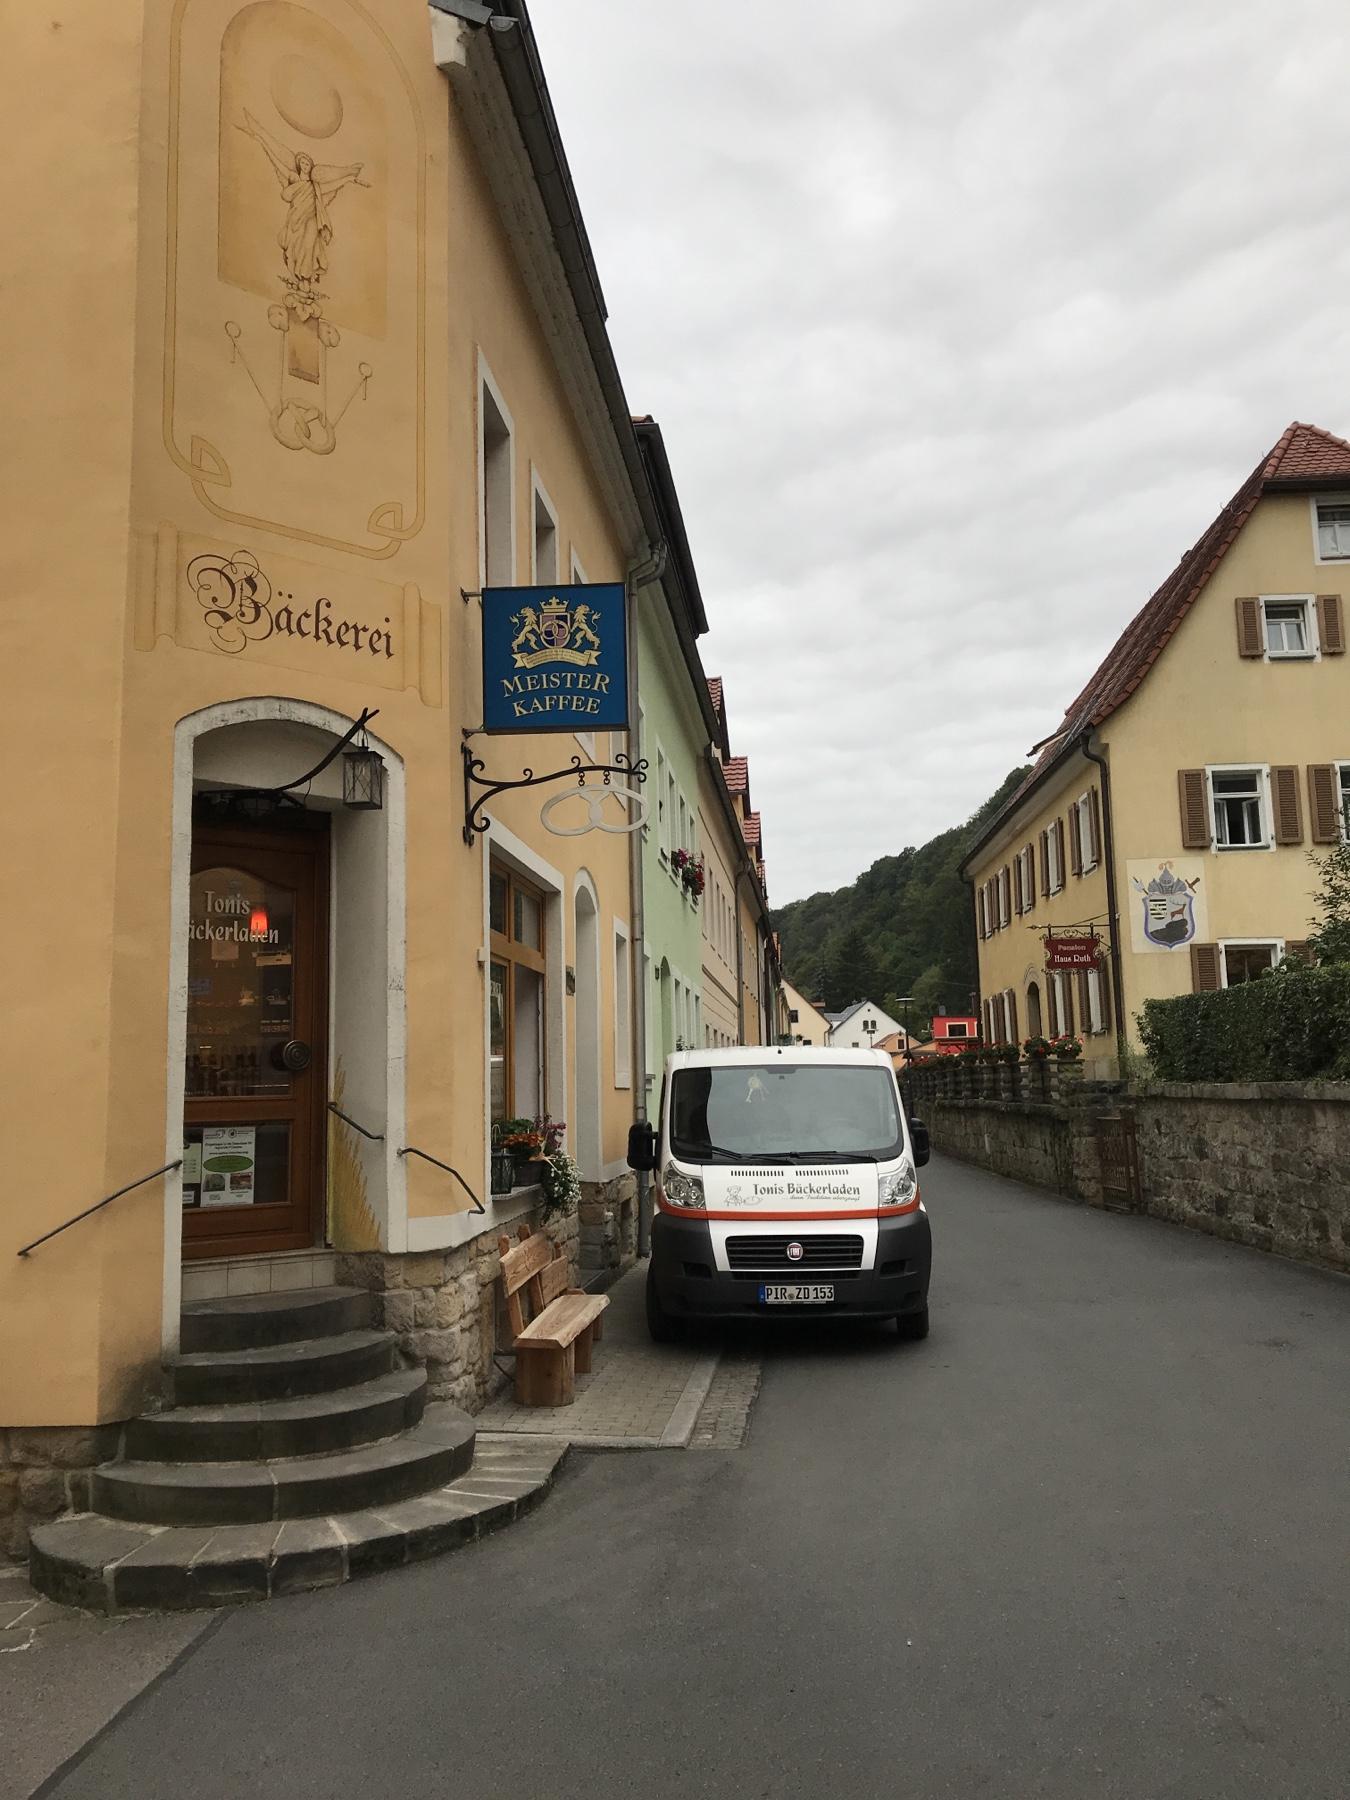 Tonis Backladen Bäckerein in Wehlen am Malerweg